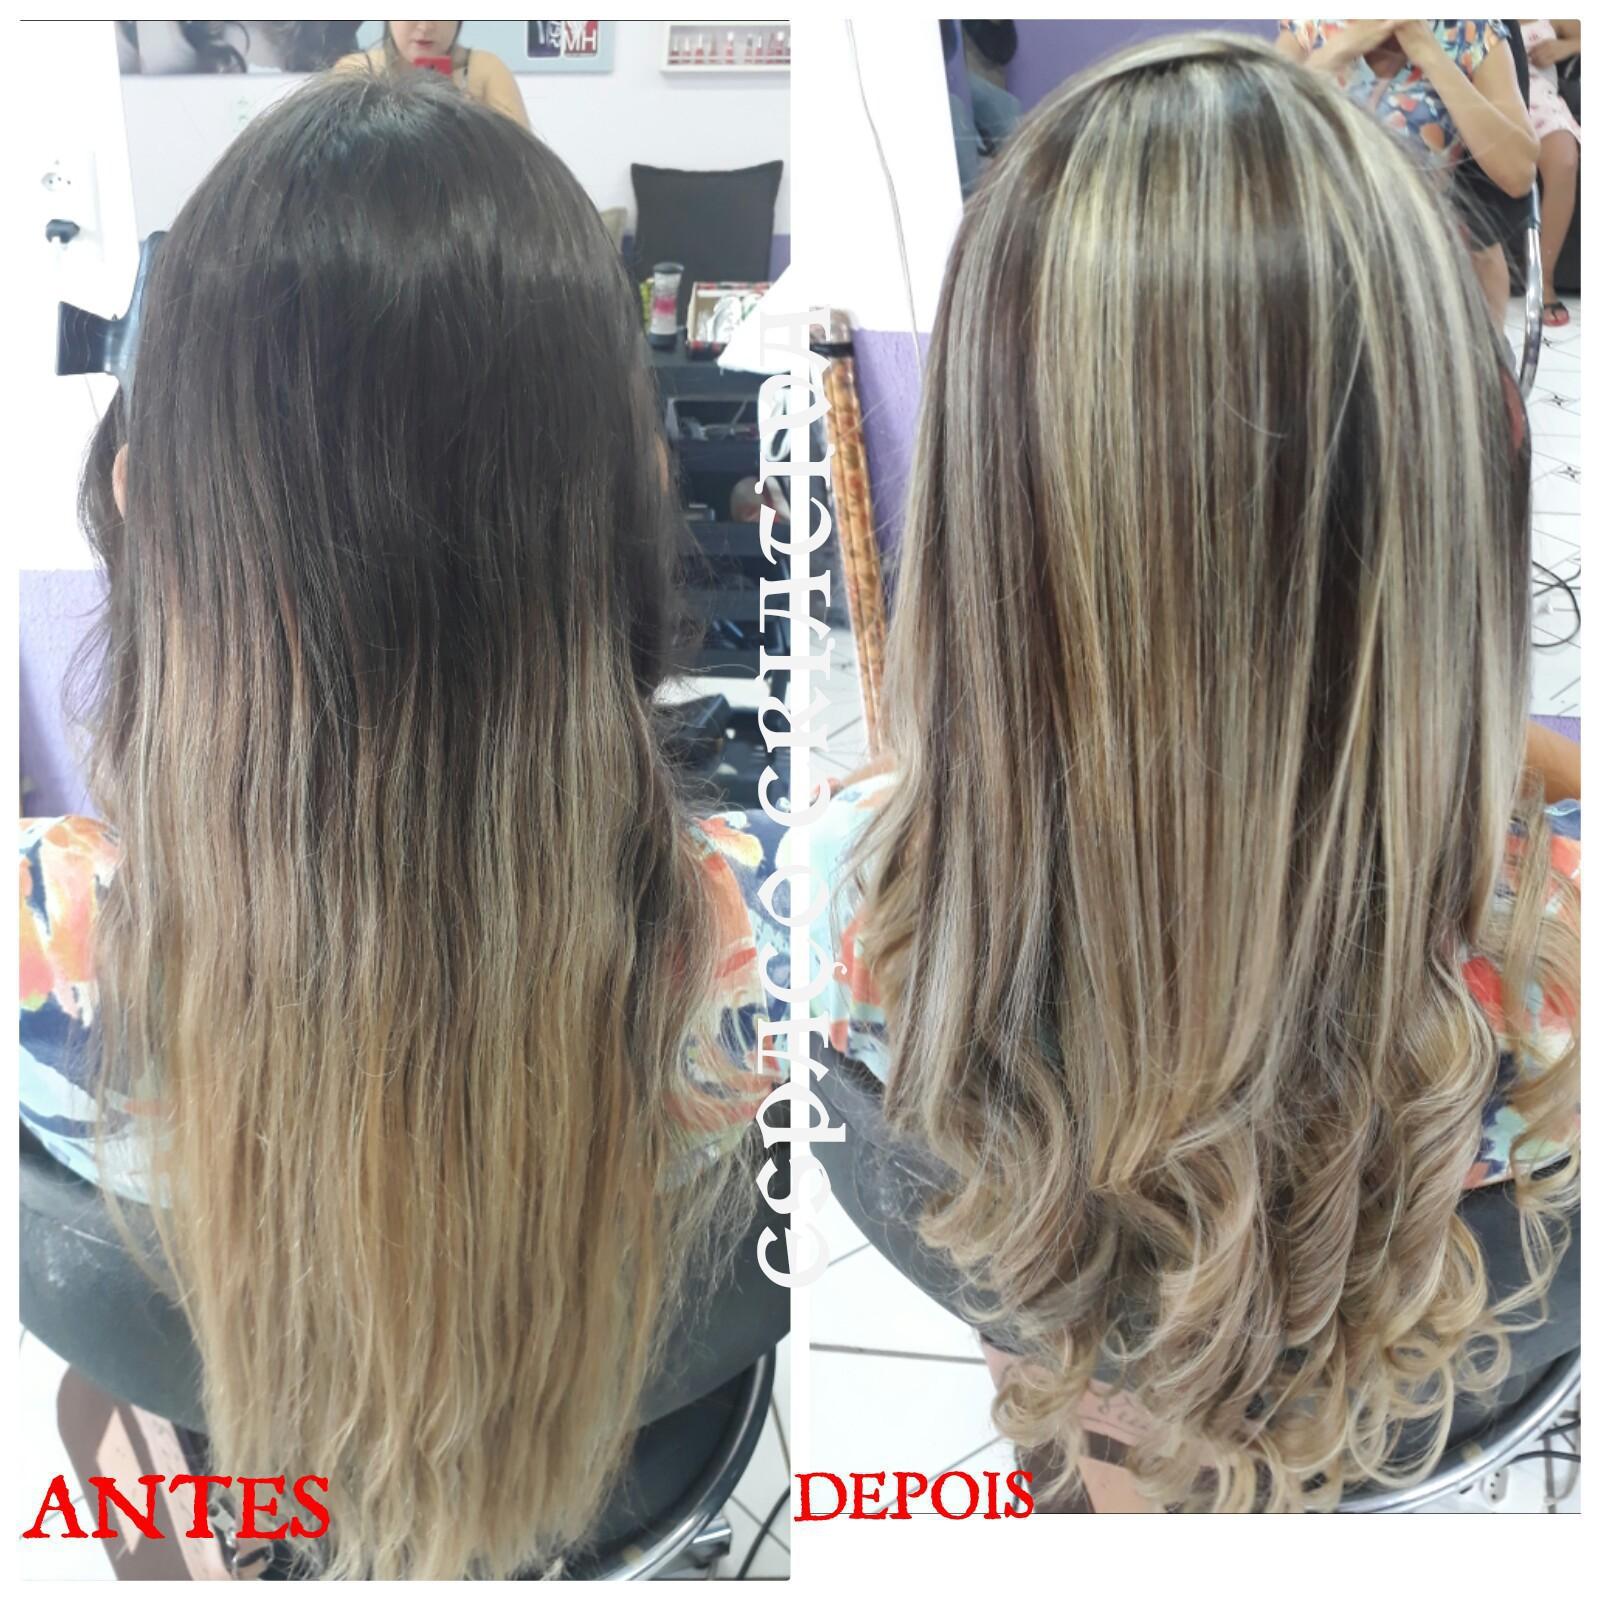 Antes é Depois  Retoque de Luzes cabelo cabeleireiro(a) depilador(a) designer de sobrancelhas